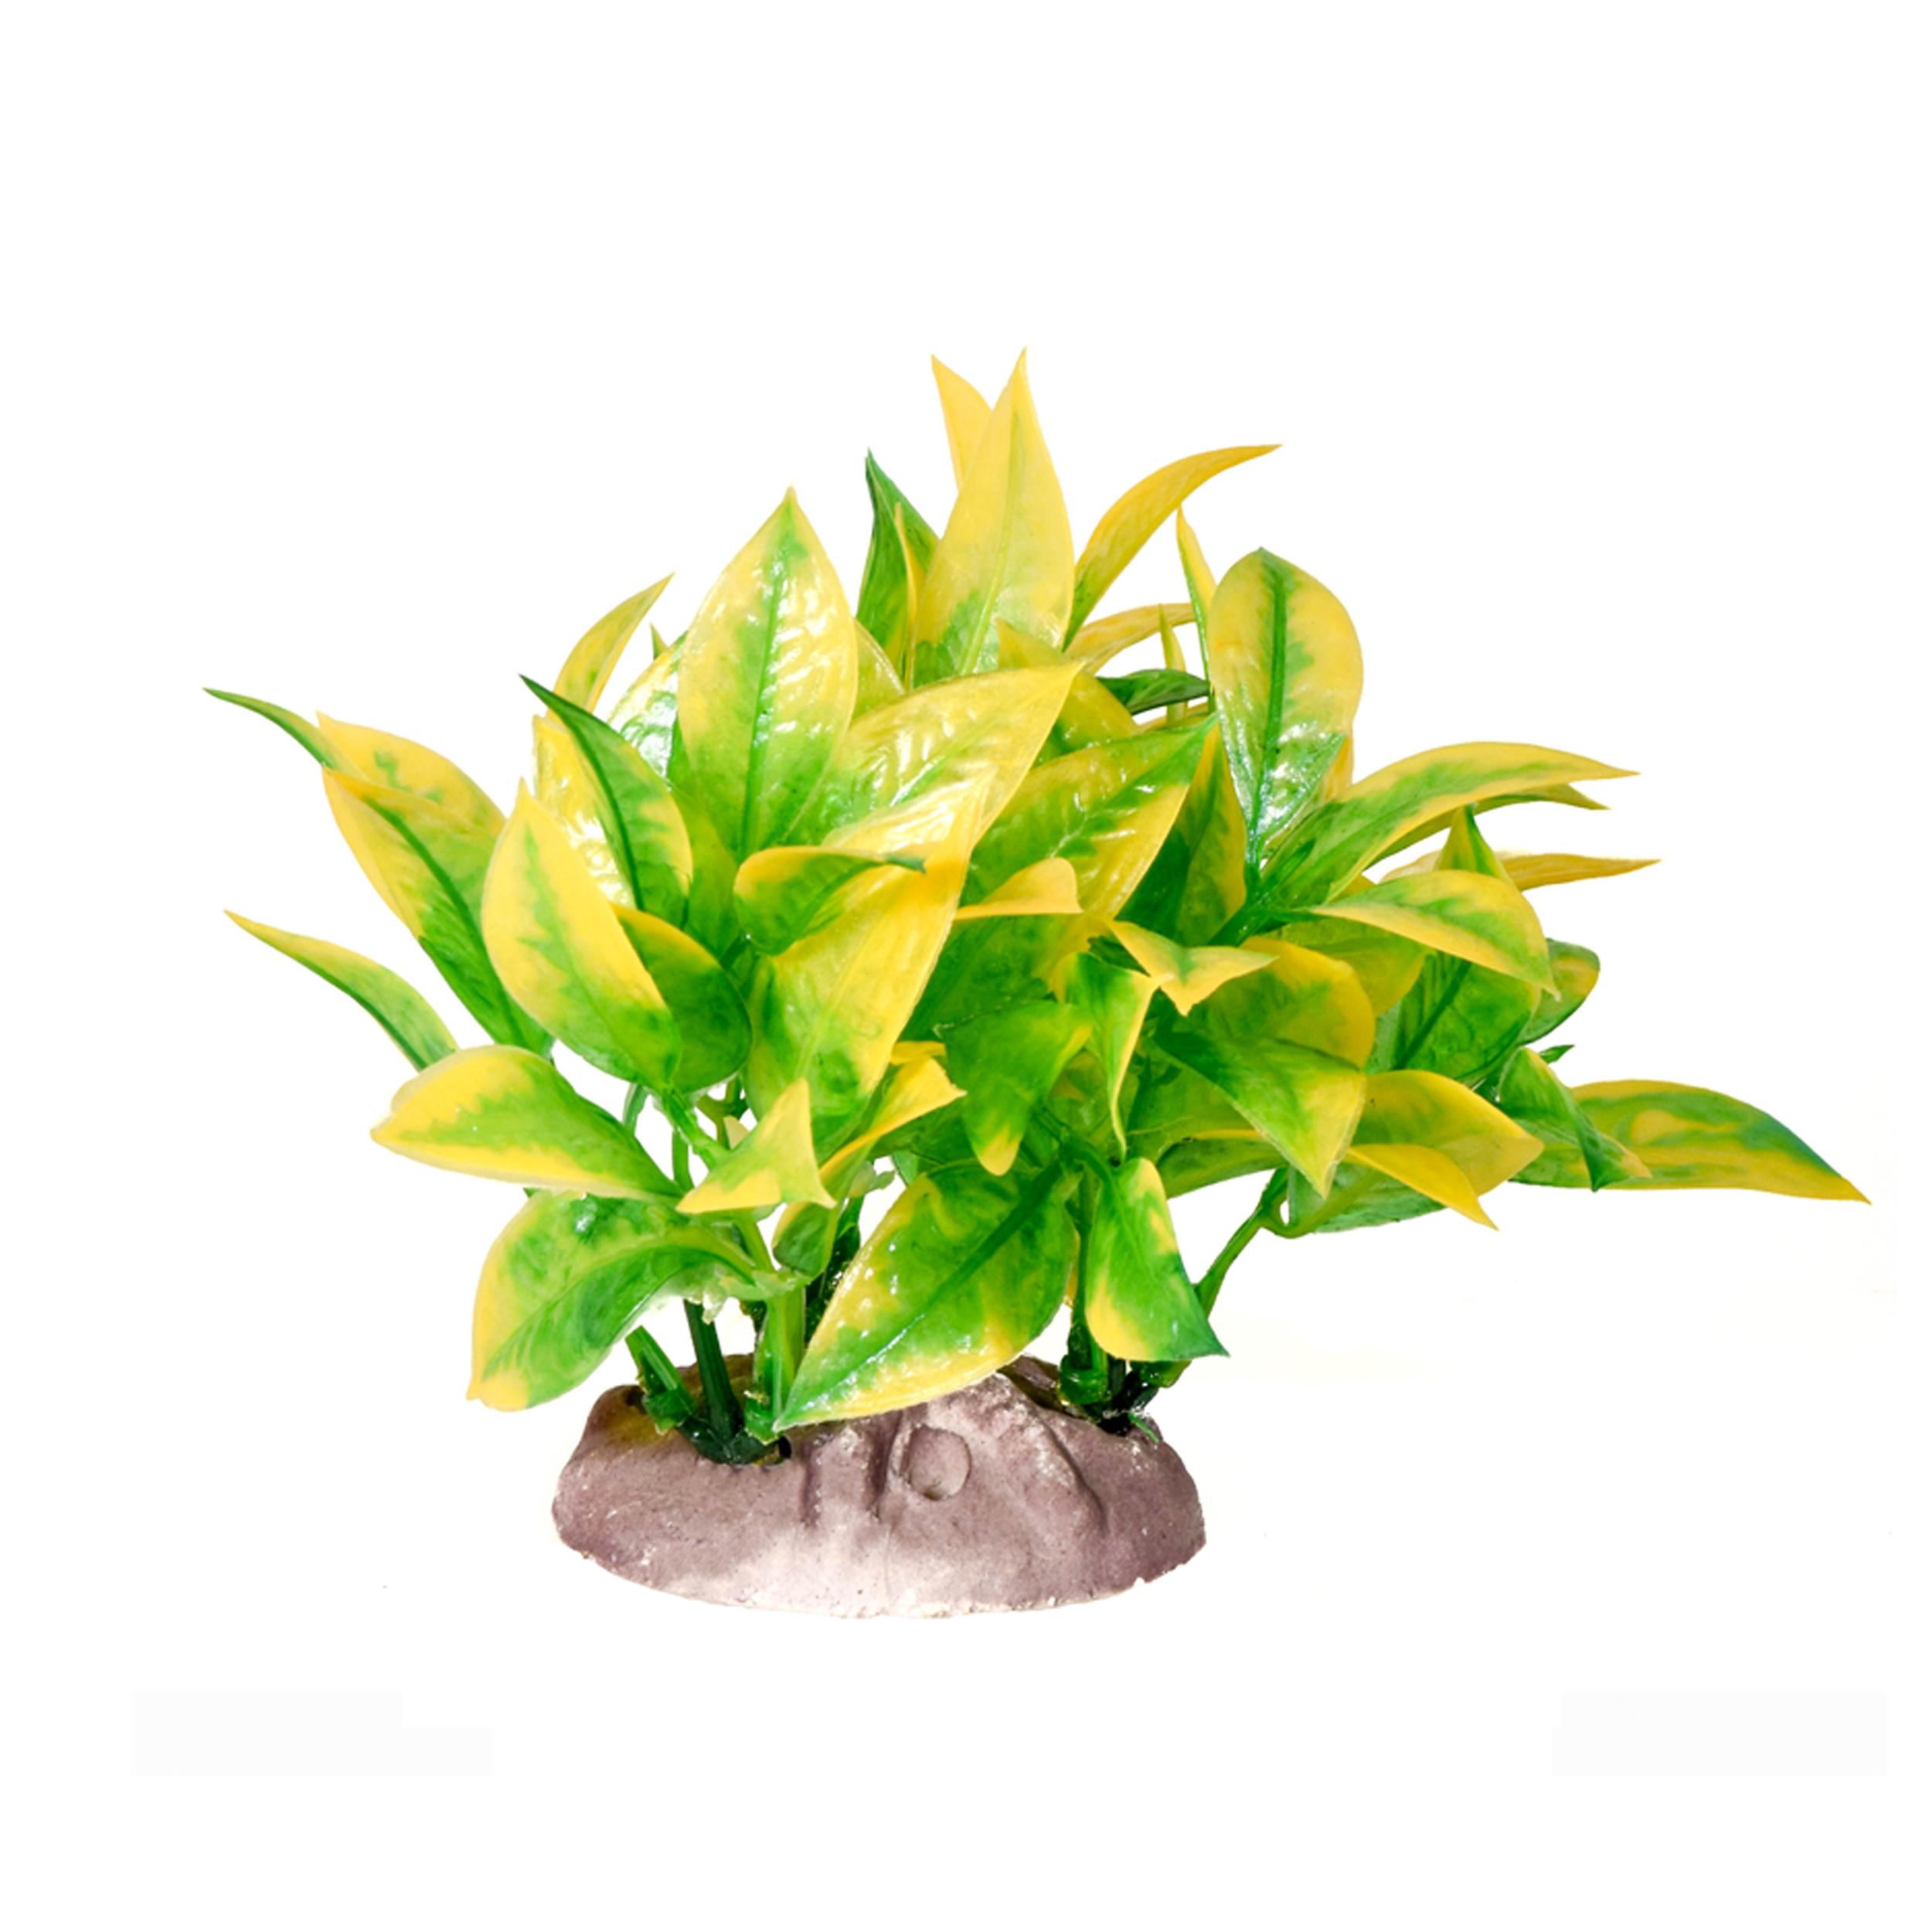 گیاه مصنوعی آکواریوم کد 92329